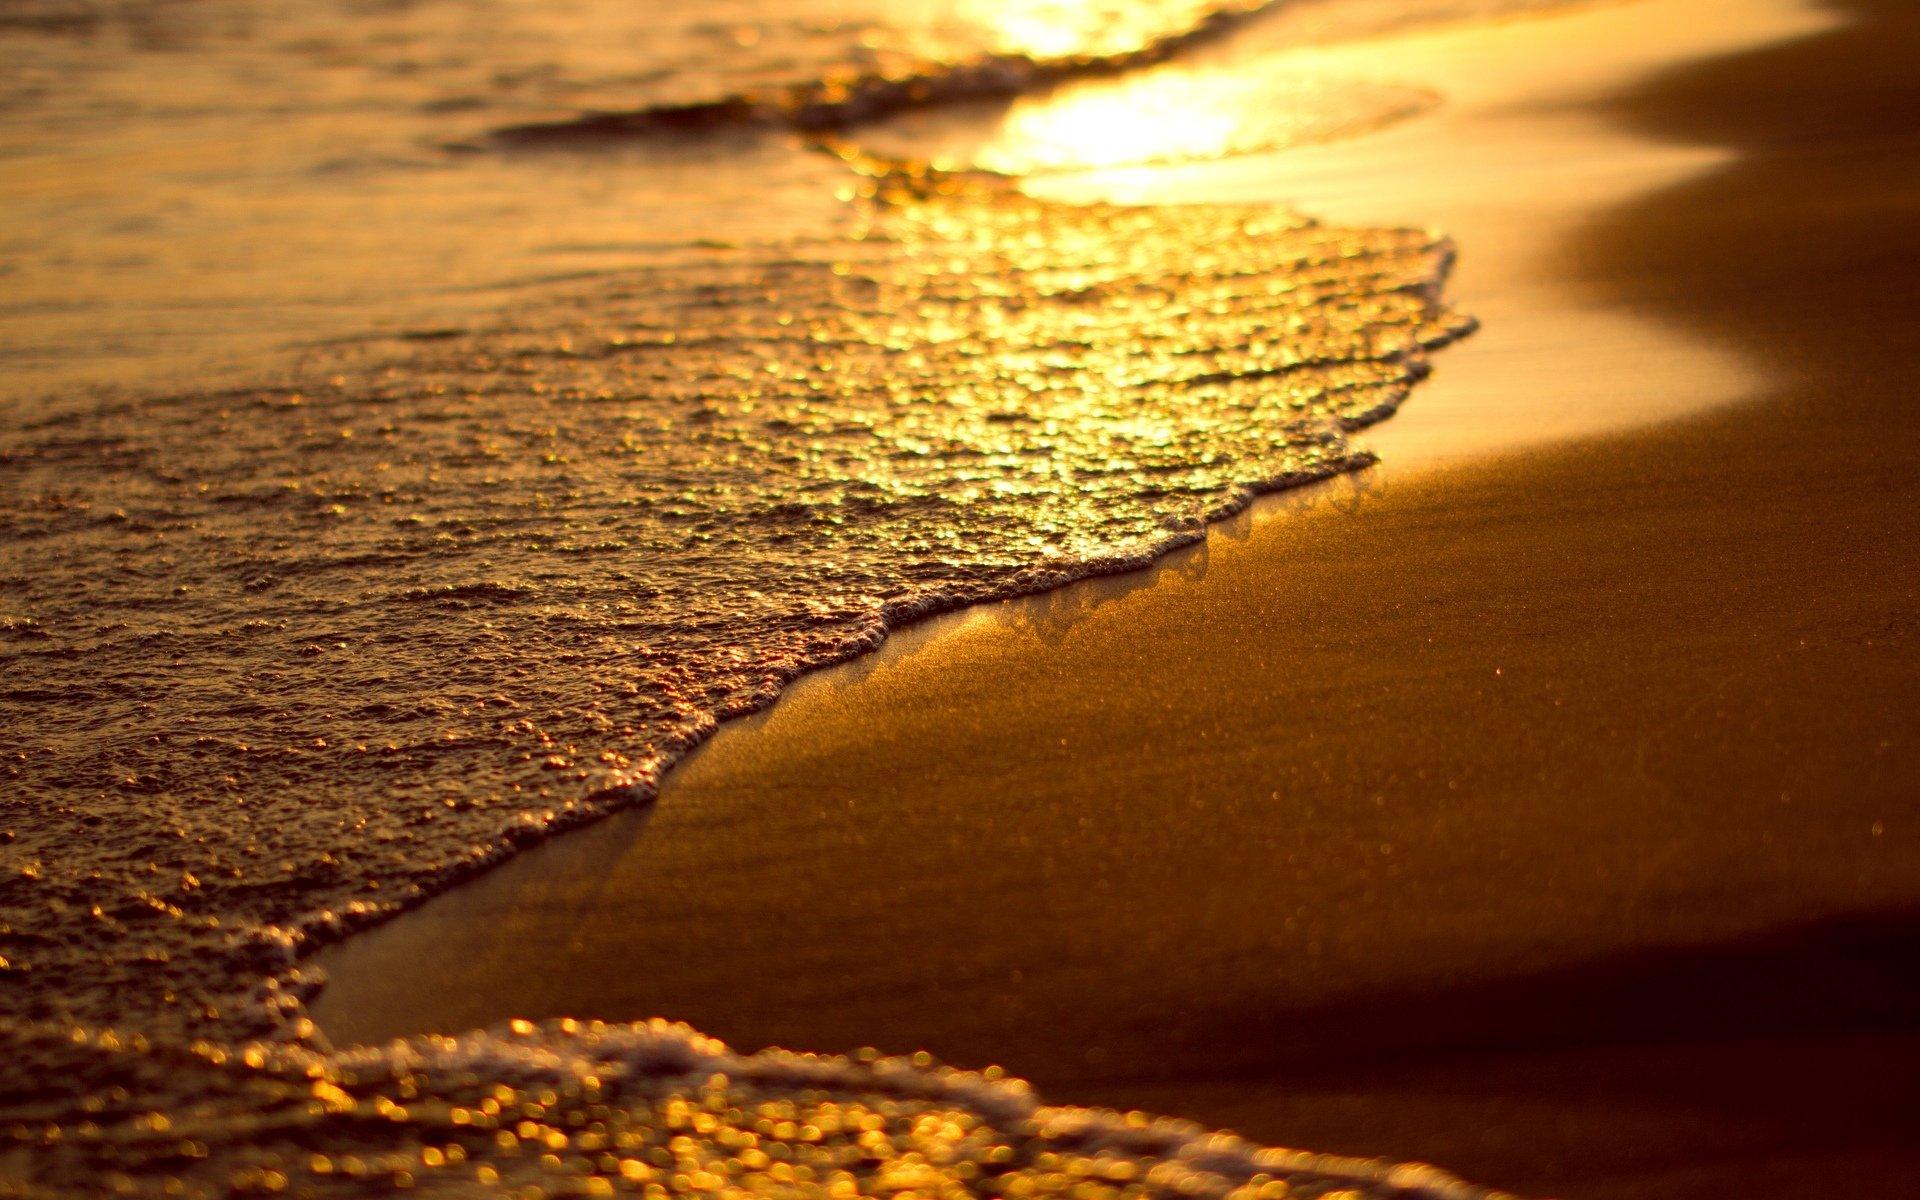 Пляж песок закат без смс